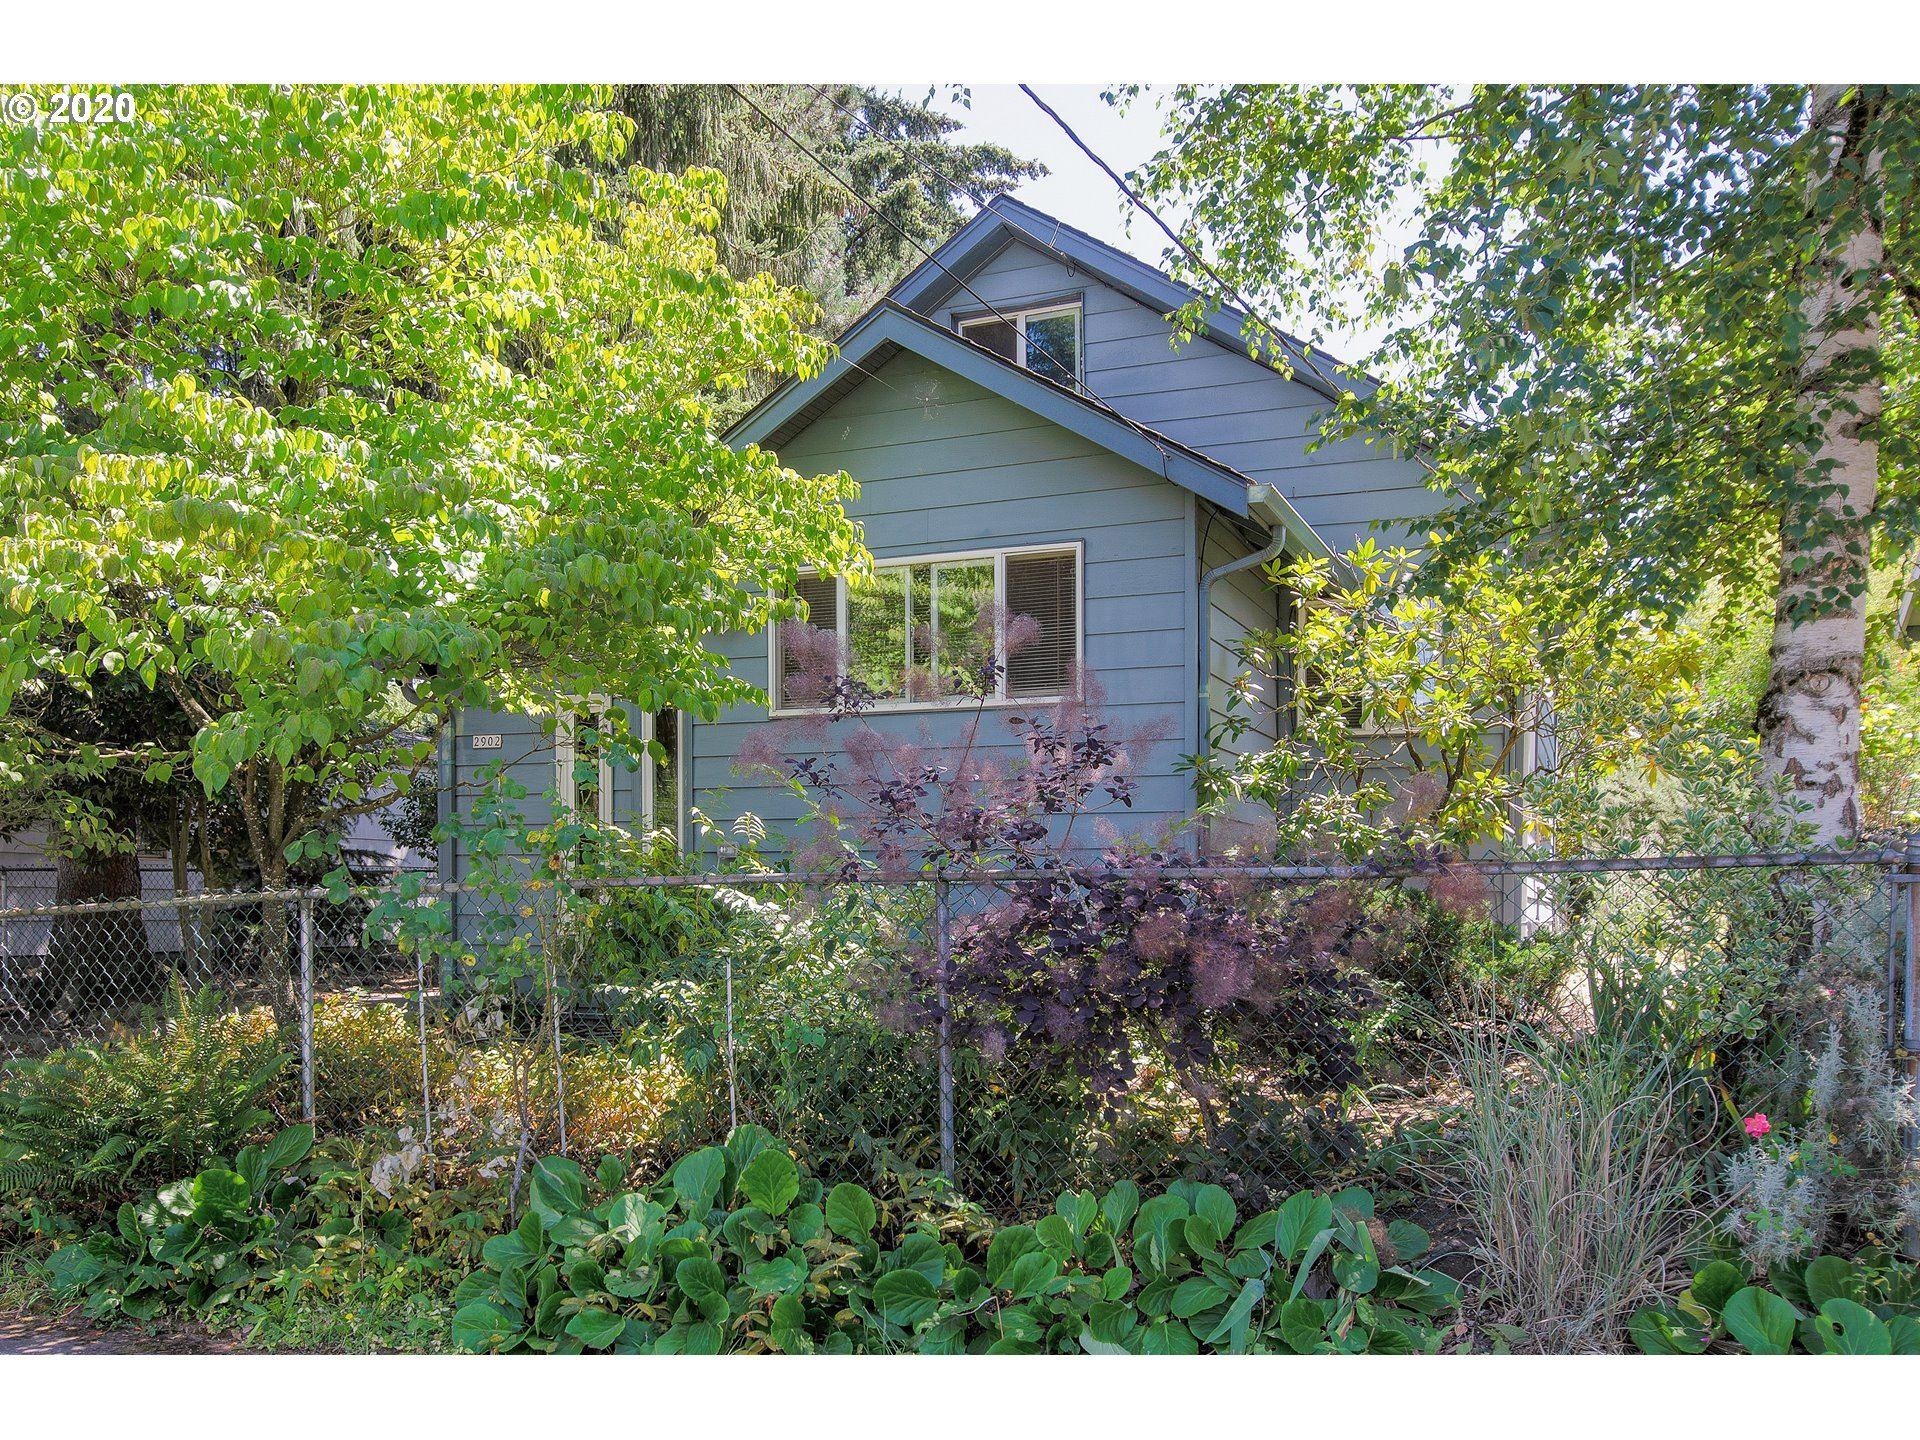 2902 N WINCHELL ST, Portland, OR 97217 - MLS#: 20217463